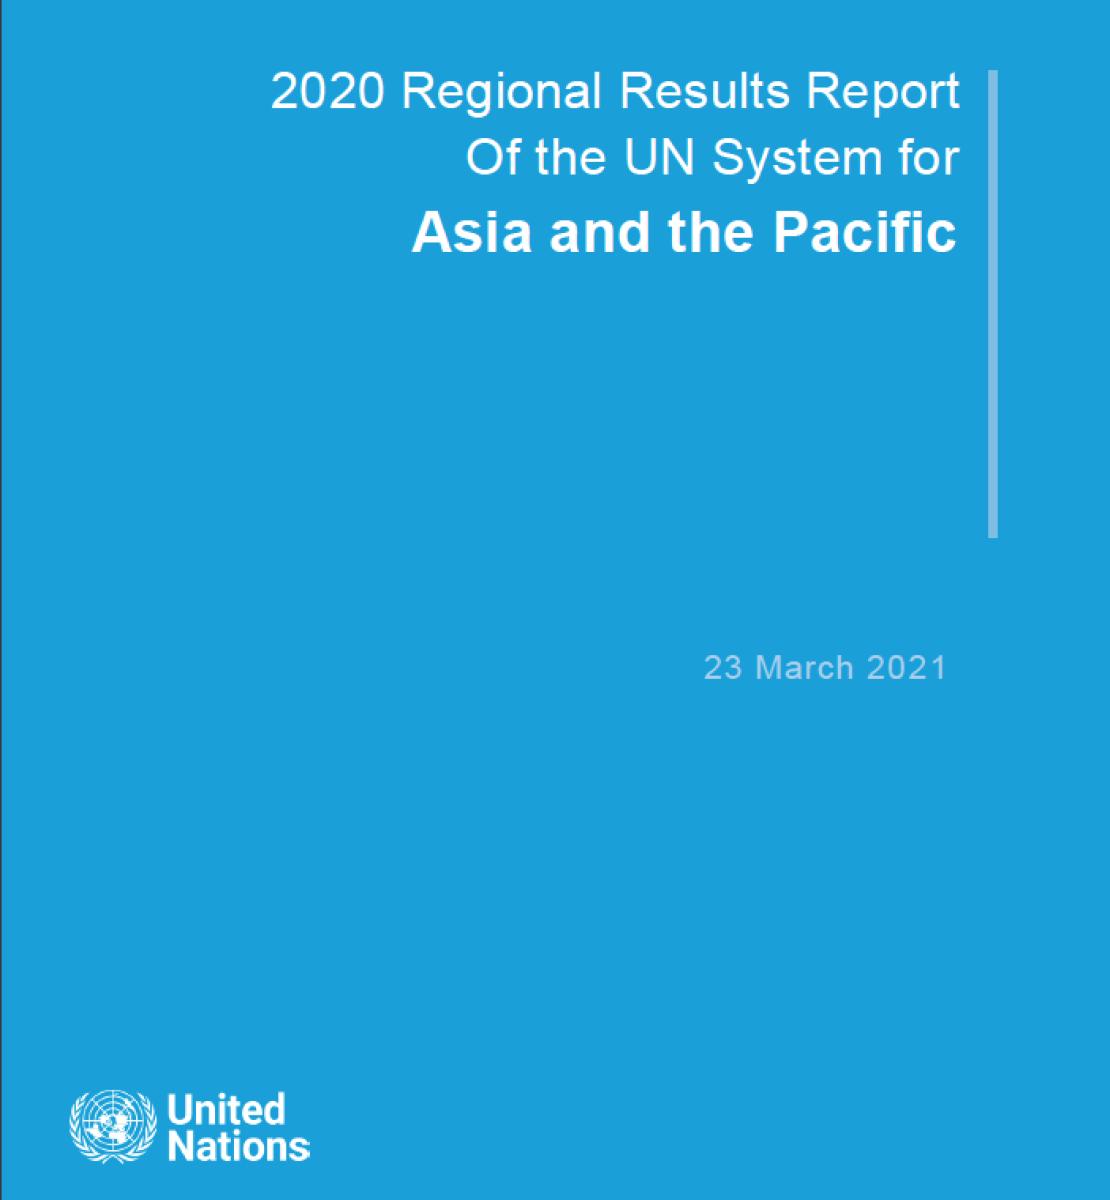 Couverture de rapport de couleur bleue sur laquelle figurent, en lettres blanches, le titre « Rapport sur les résultats régionaux 2020 du système des Nations Unies pour l'Asie et le Pacifique » en anglais, ainsi que le logo de l'ONU, en bas à gauche.